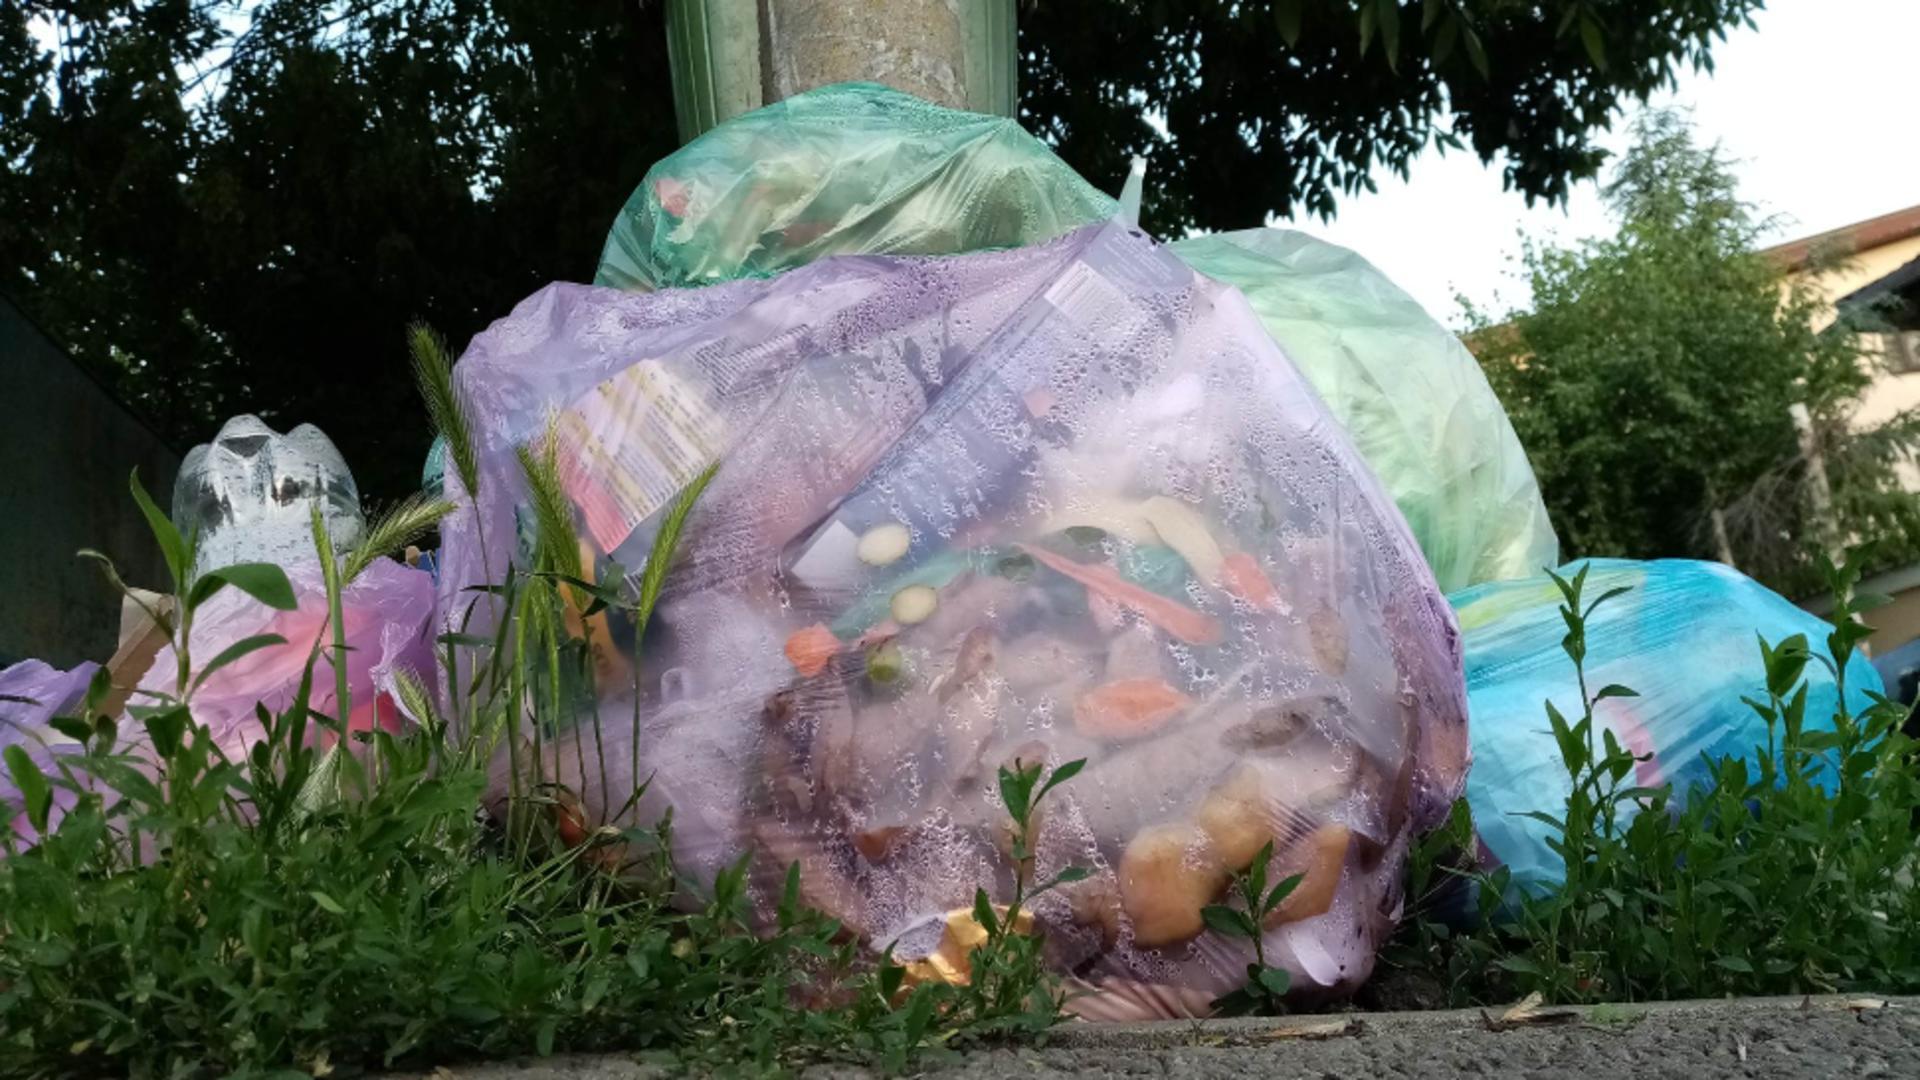 Saci de gunoi pe străzile din Sectorul 1 (foto: Emanuel Focsan)